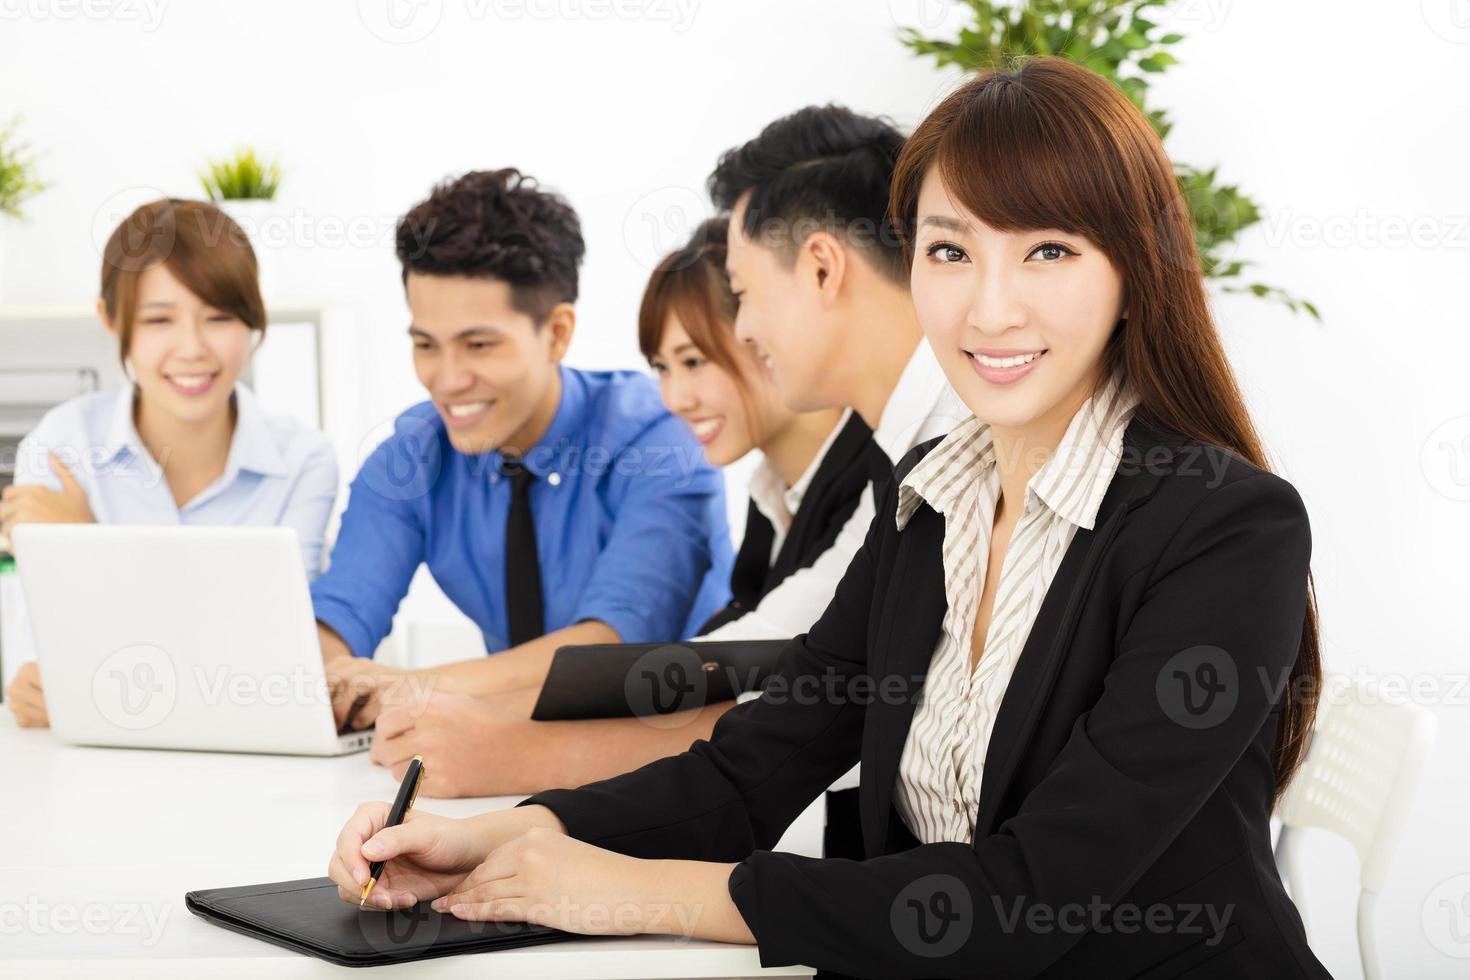 jonge mensen uit het bedrijfsleven samen te werken tijdens de bijeenkomst foto